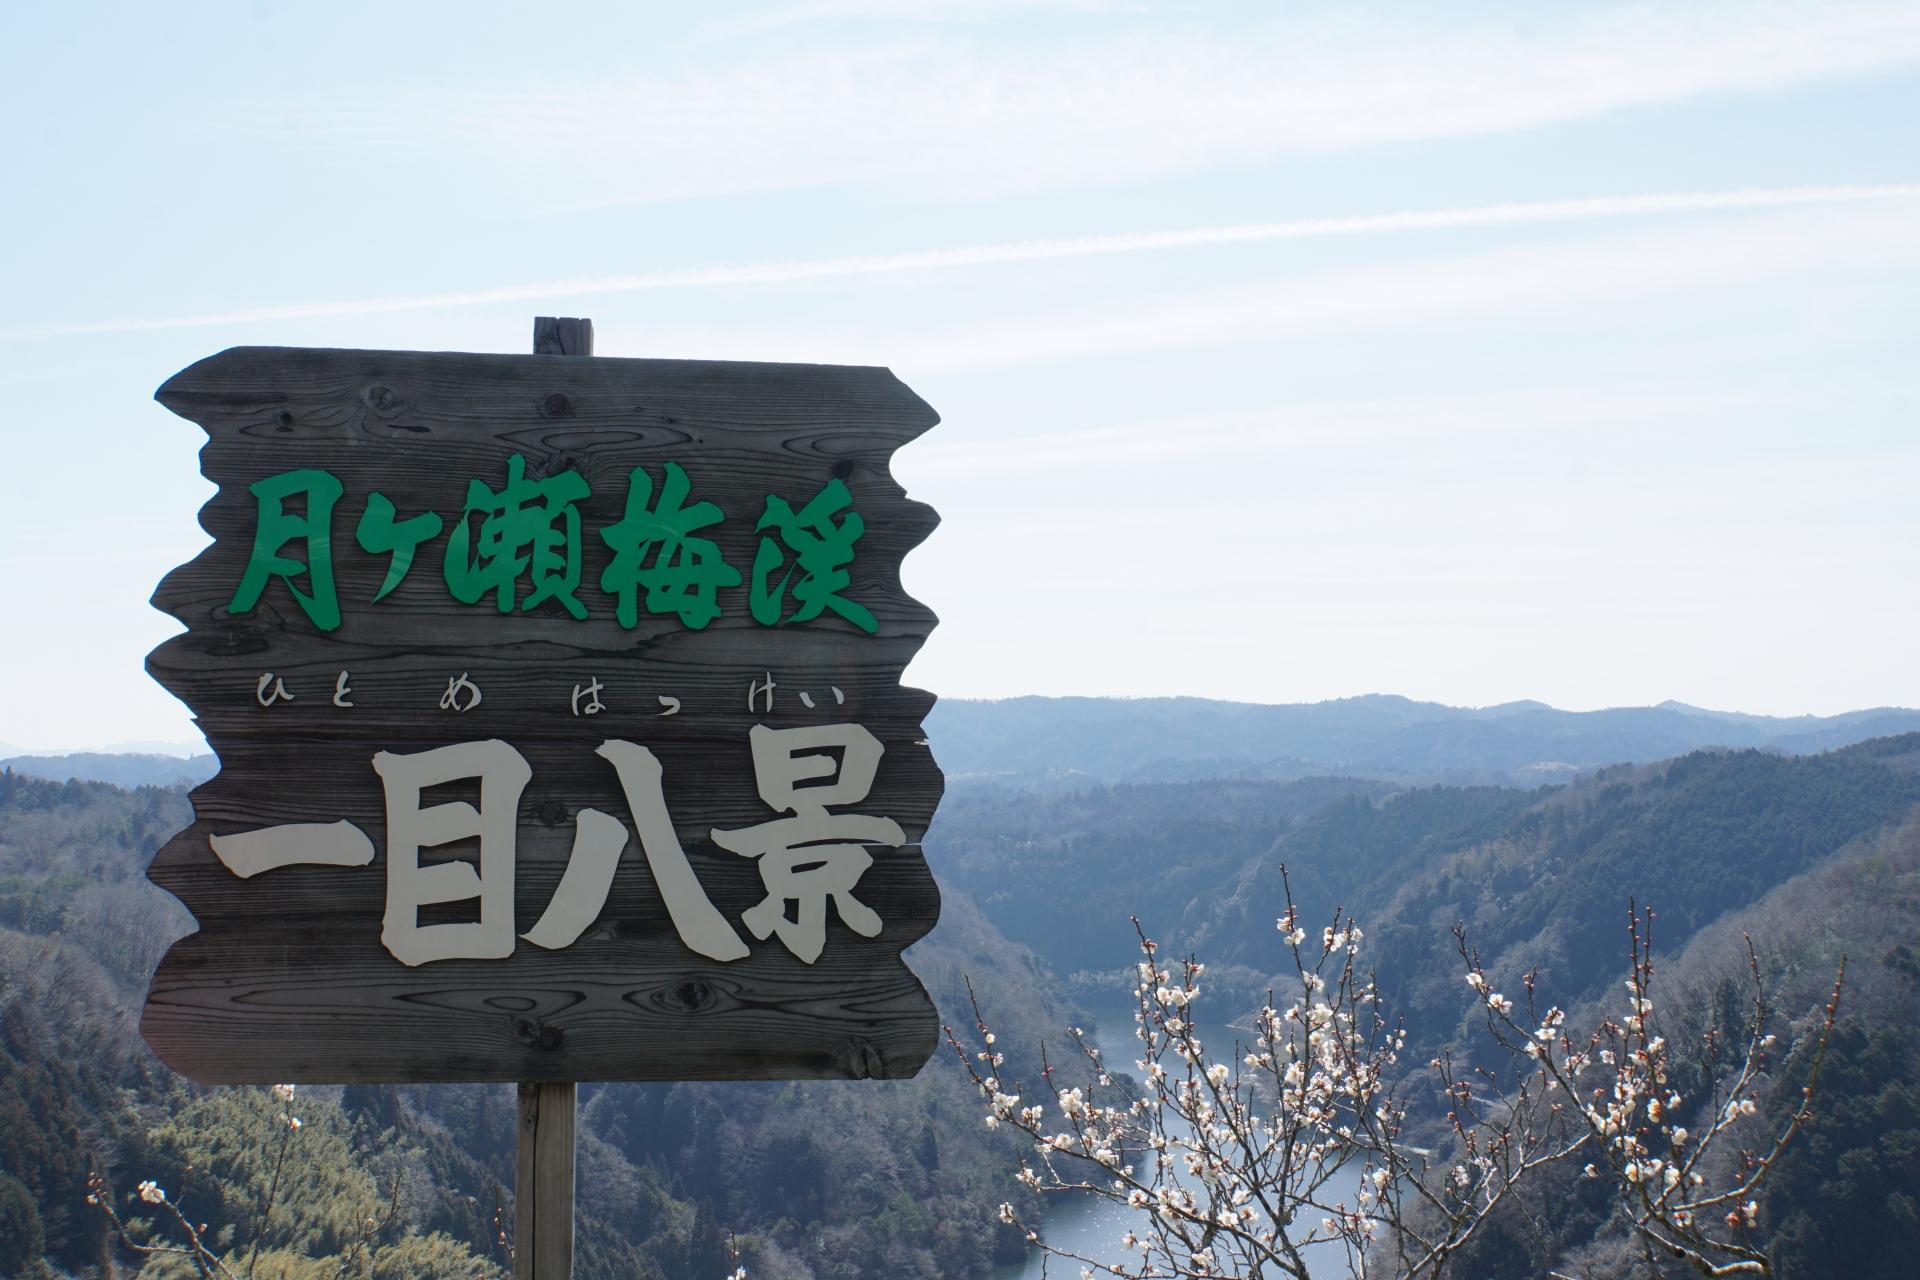 925389_m 奈良県  月ヶ瀬梅林(約1万本の梅が咲く春におすすめの絶景スポット!雲海も見所! 写真の紹介、アクセス情報や駐車場情報など)